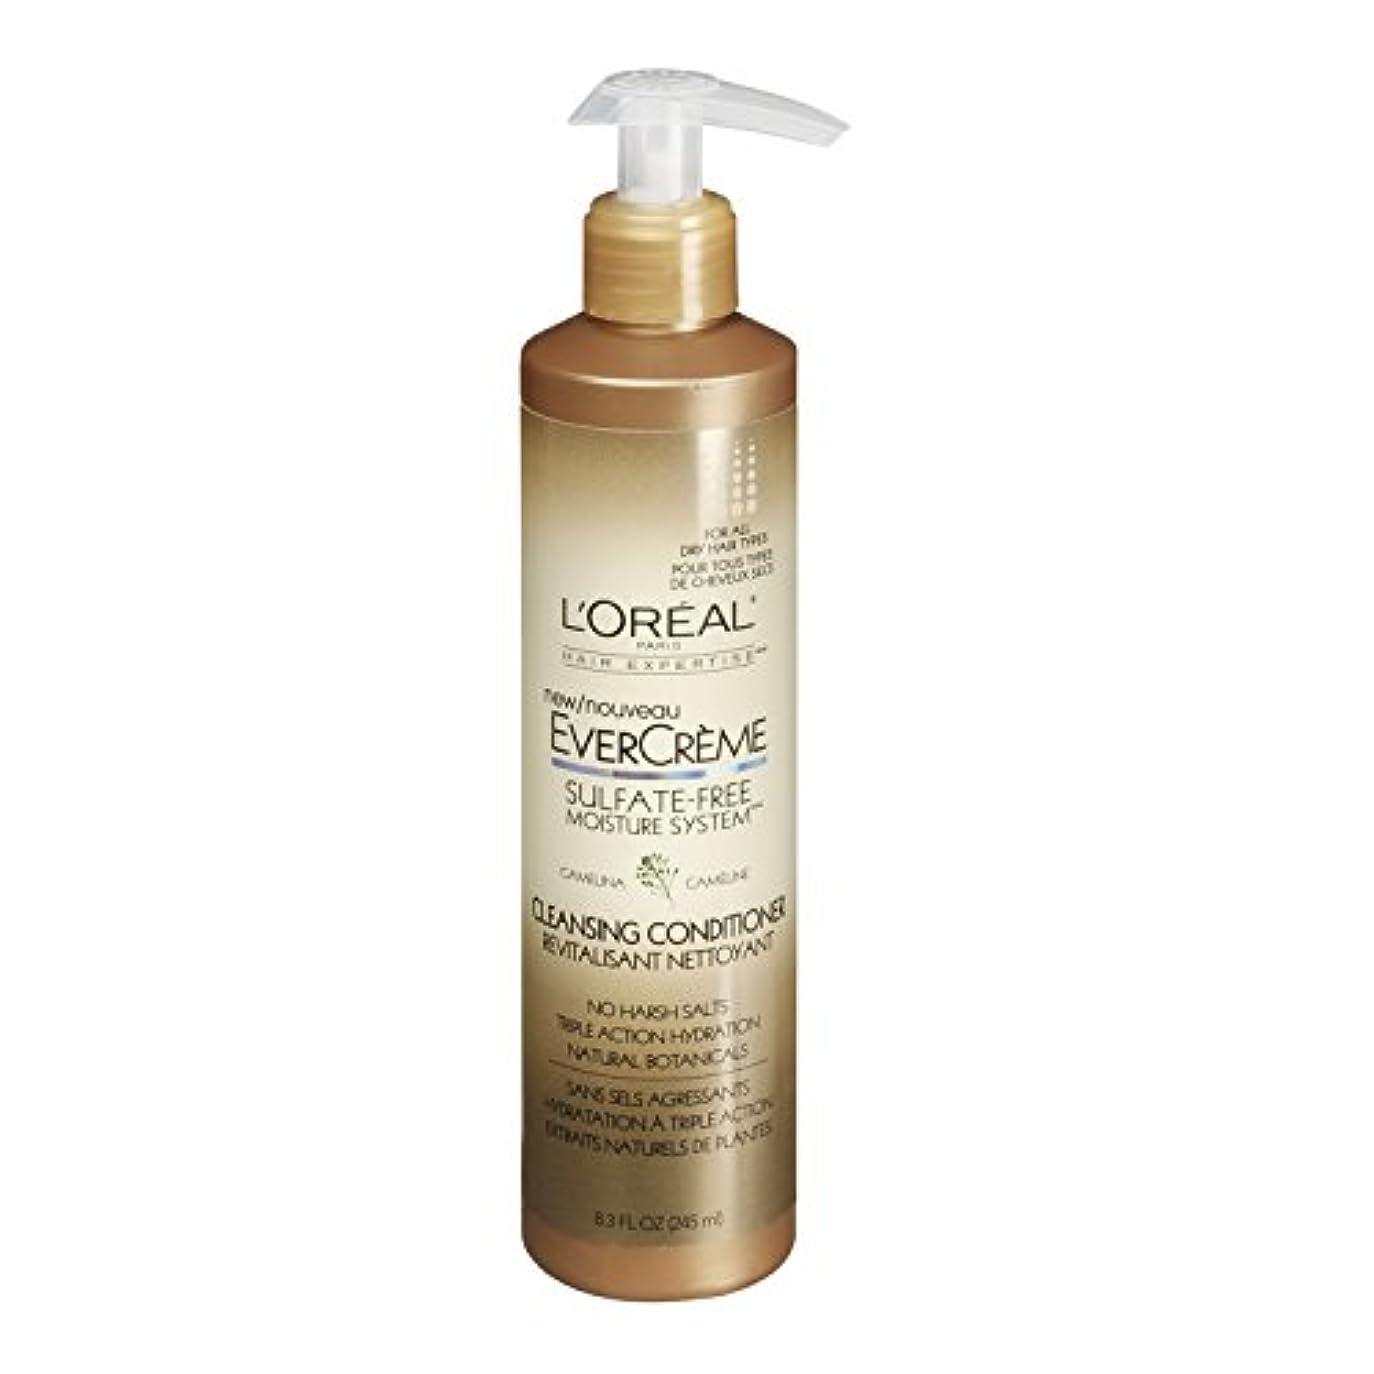 いわゆる思春期奨学金L'Oreal Paris EverCreme Sulfate-Free Moisture System Cleansing Conditioner, 8.3 fl. Oz. by L'Oreal Paris Hair...